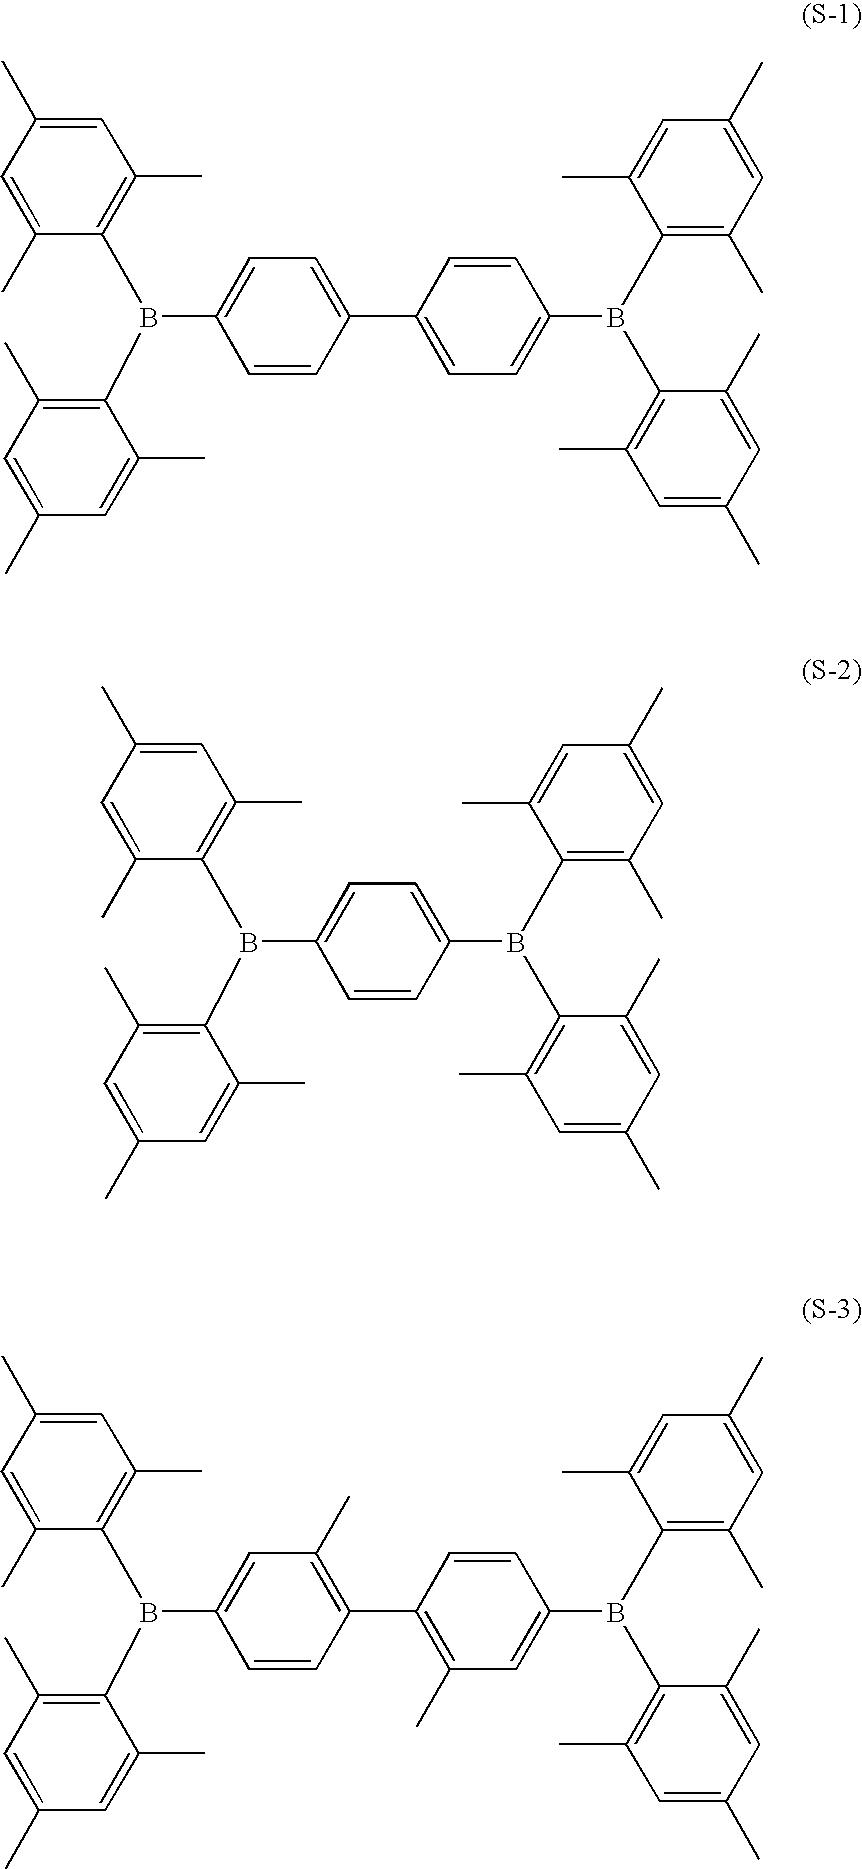 Figure US20100219748A1-20100902-C00069